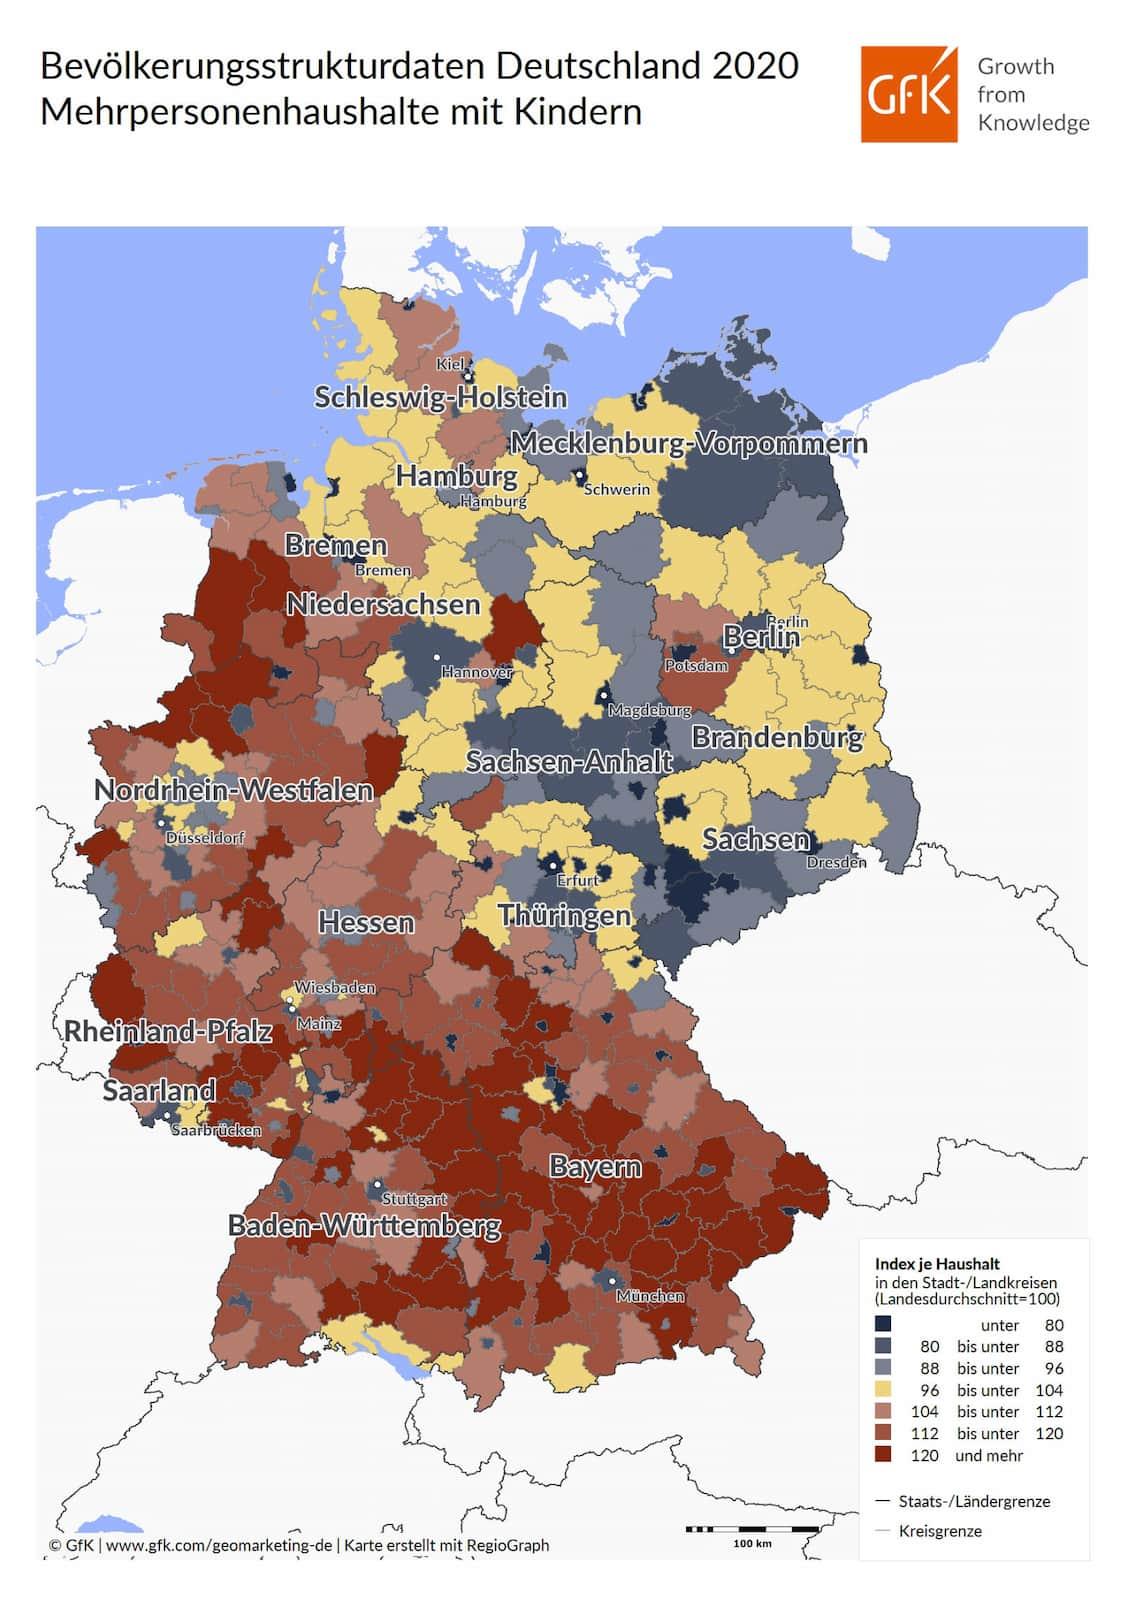 Bevölkerungsstrukturdaten Deutschland 2020 Mehrpersonenhaushalte mit Kinder